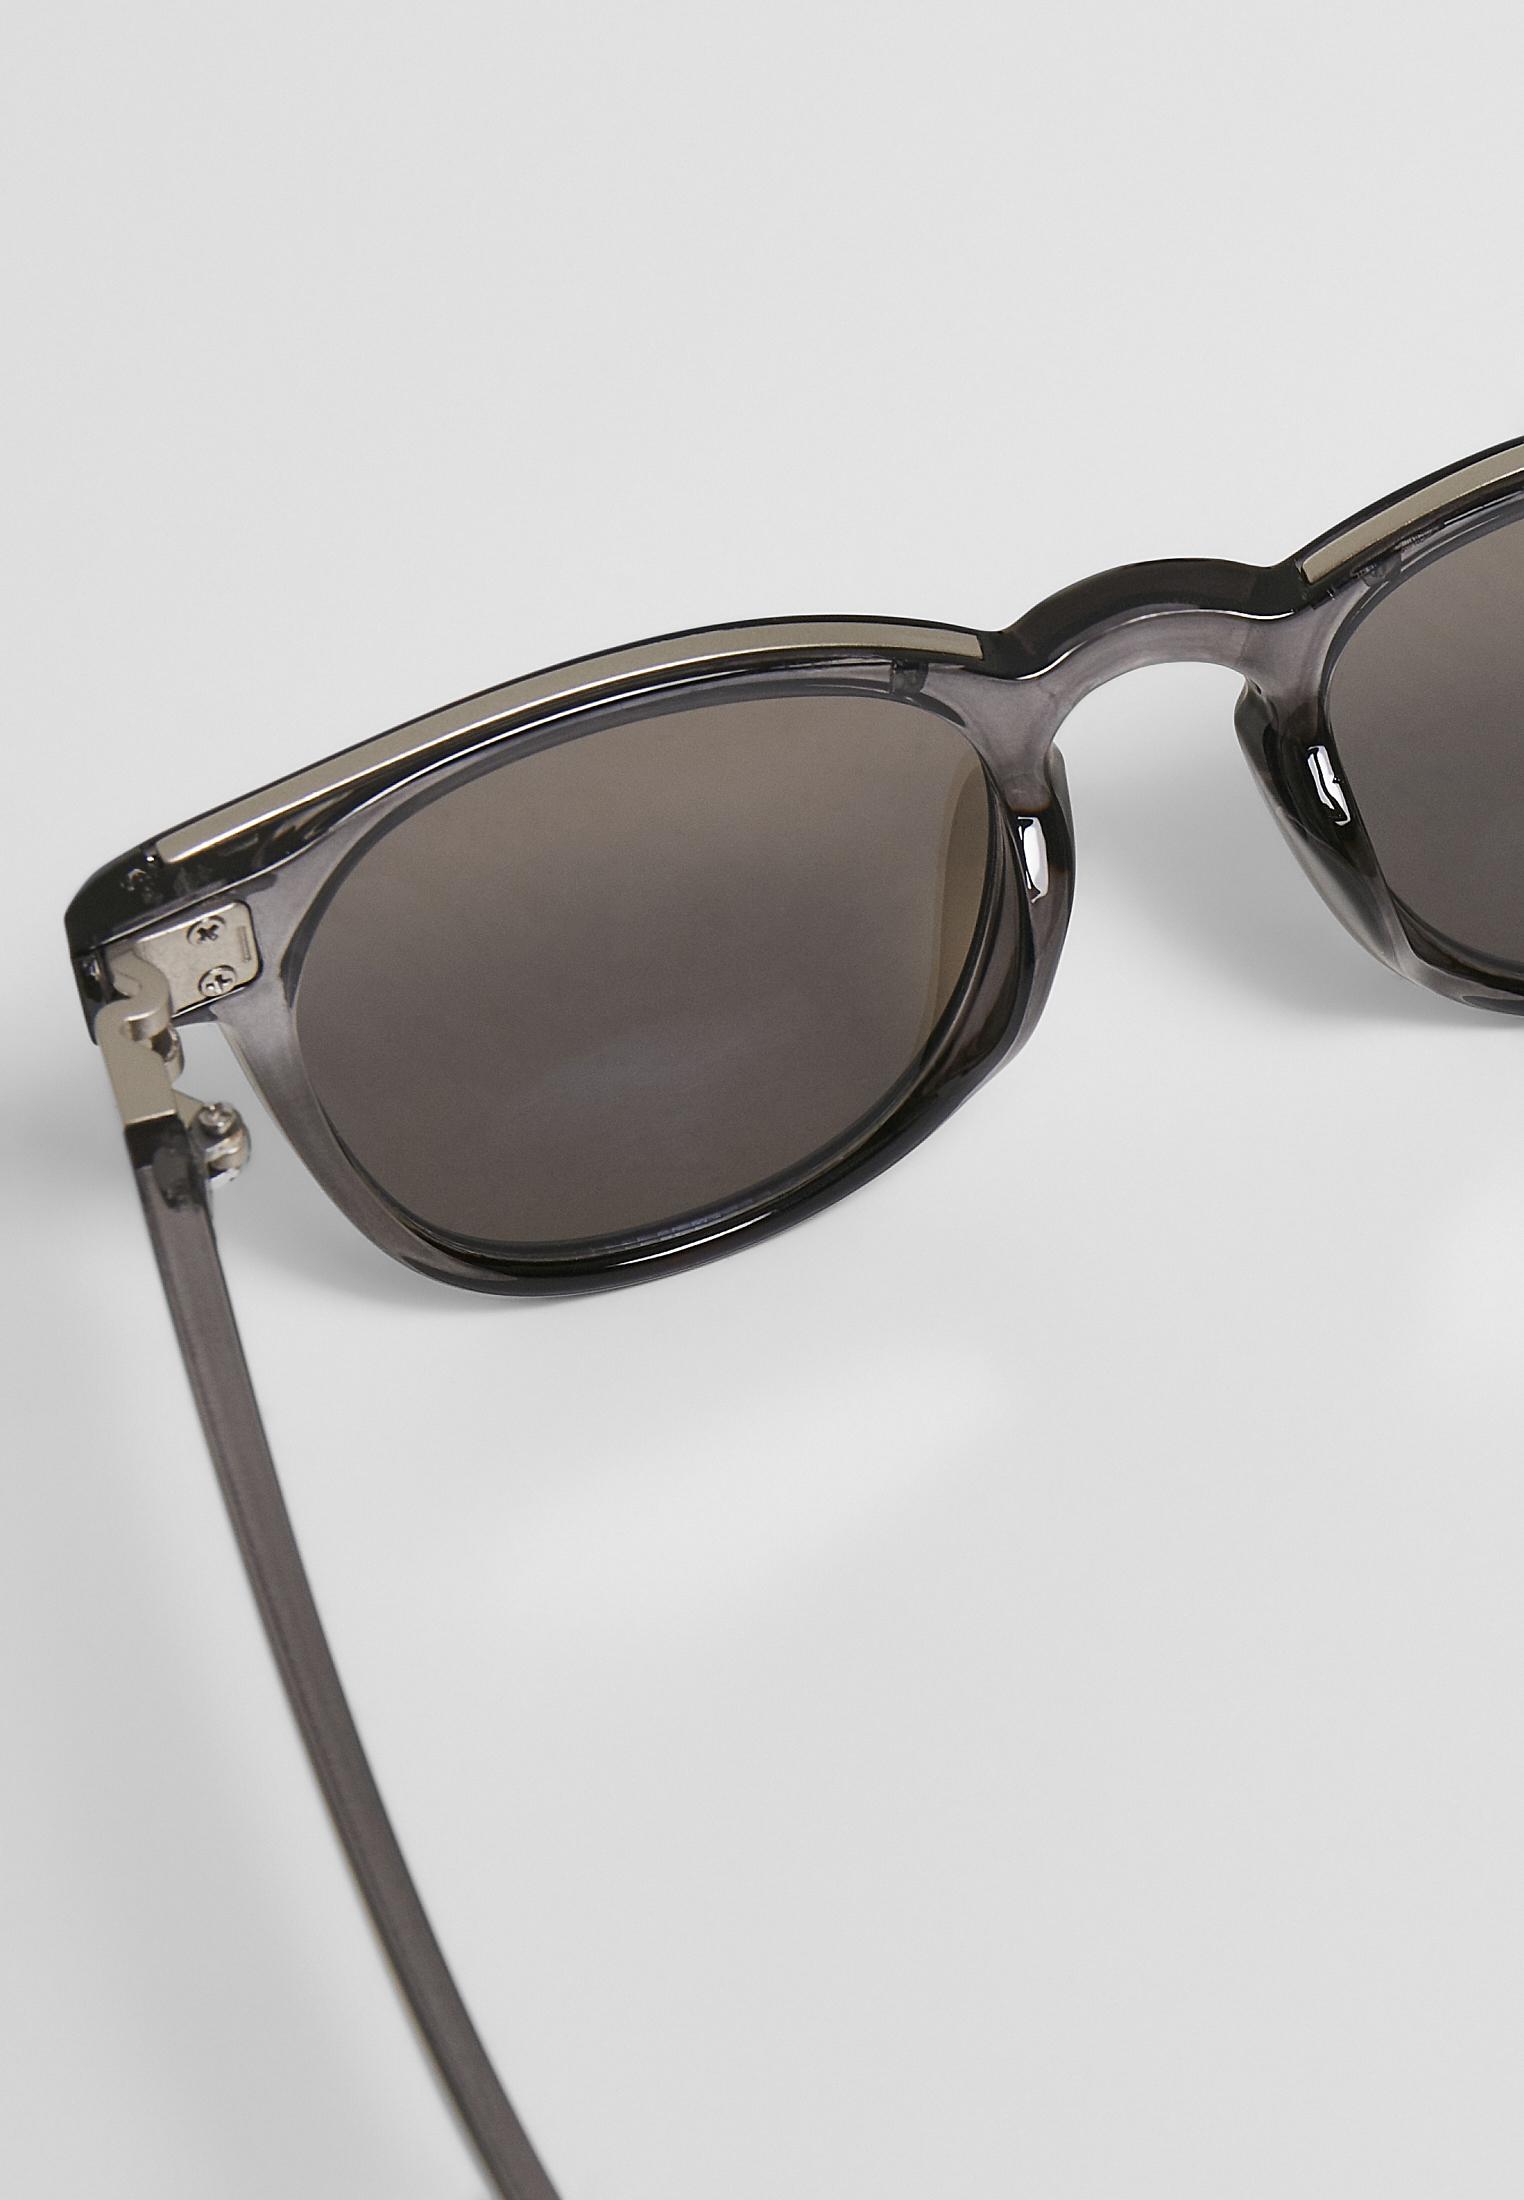 TB3728 Grau silber UNI Urban Classics 111 Sunglasses UC grau